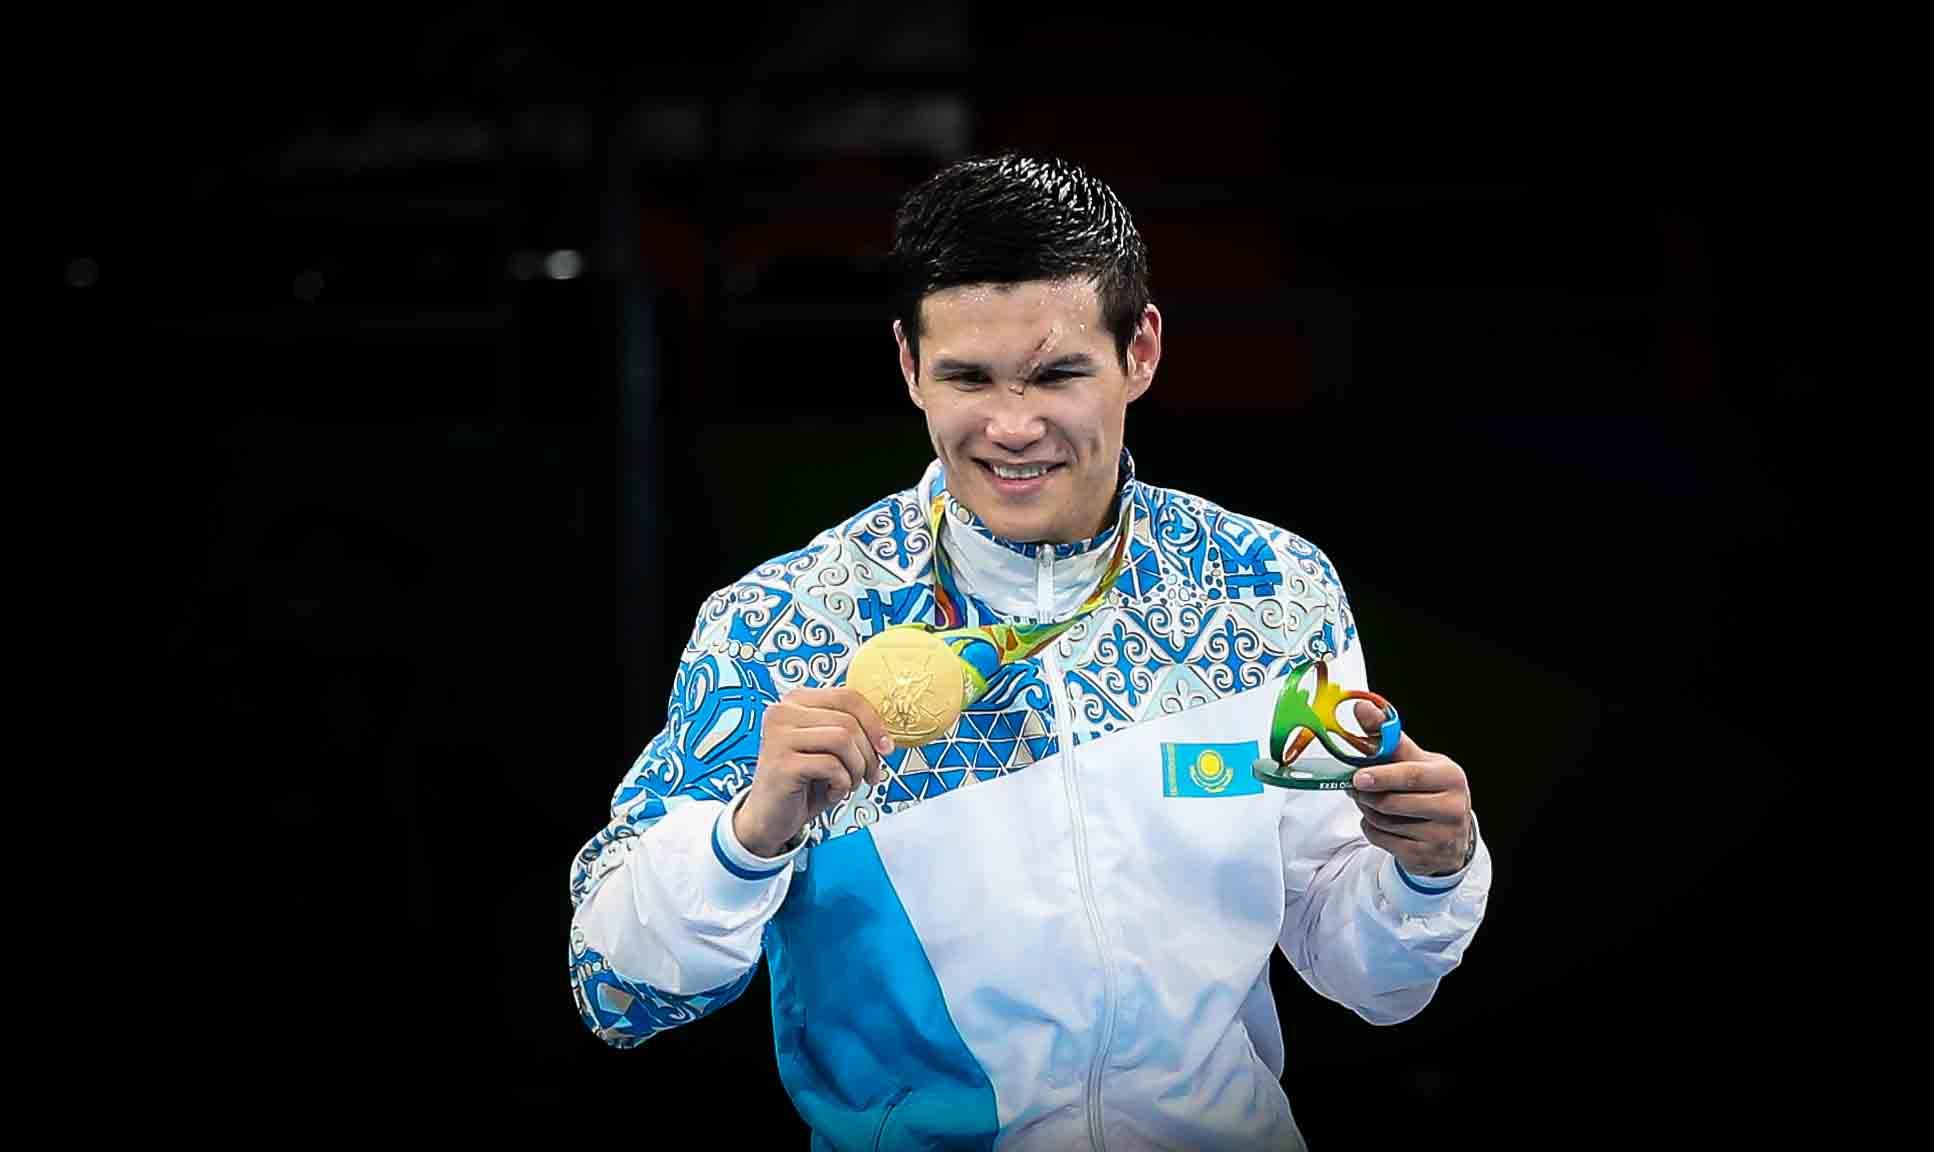 библиотеках олимпийские чемпионы казахстана в рио фото называться актрисой